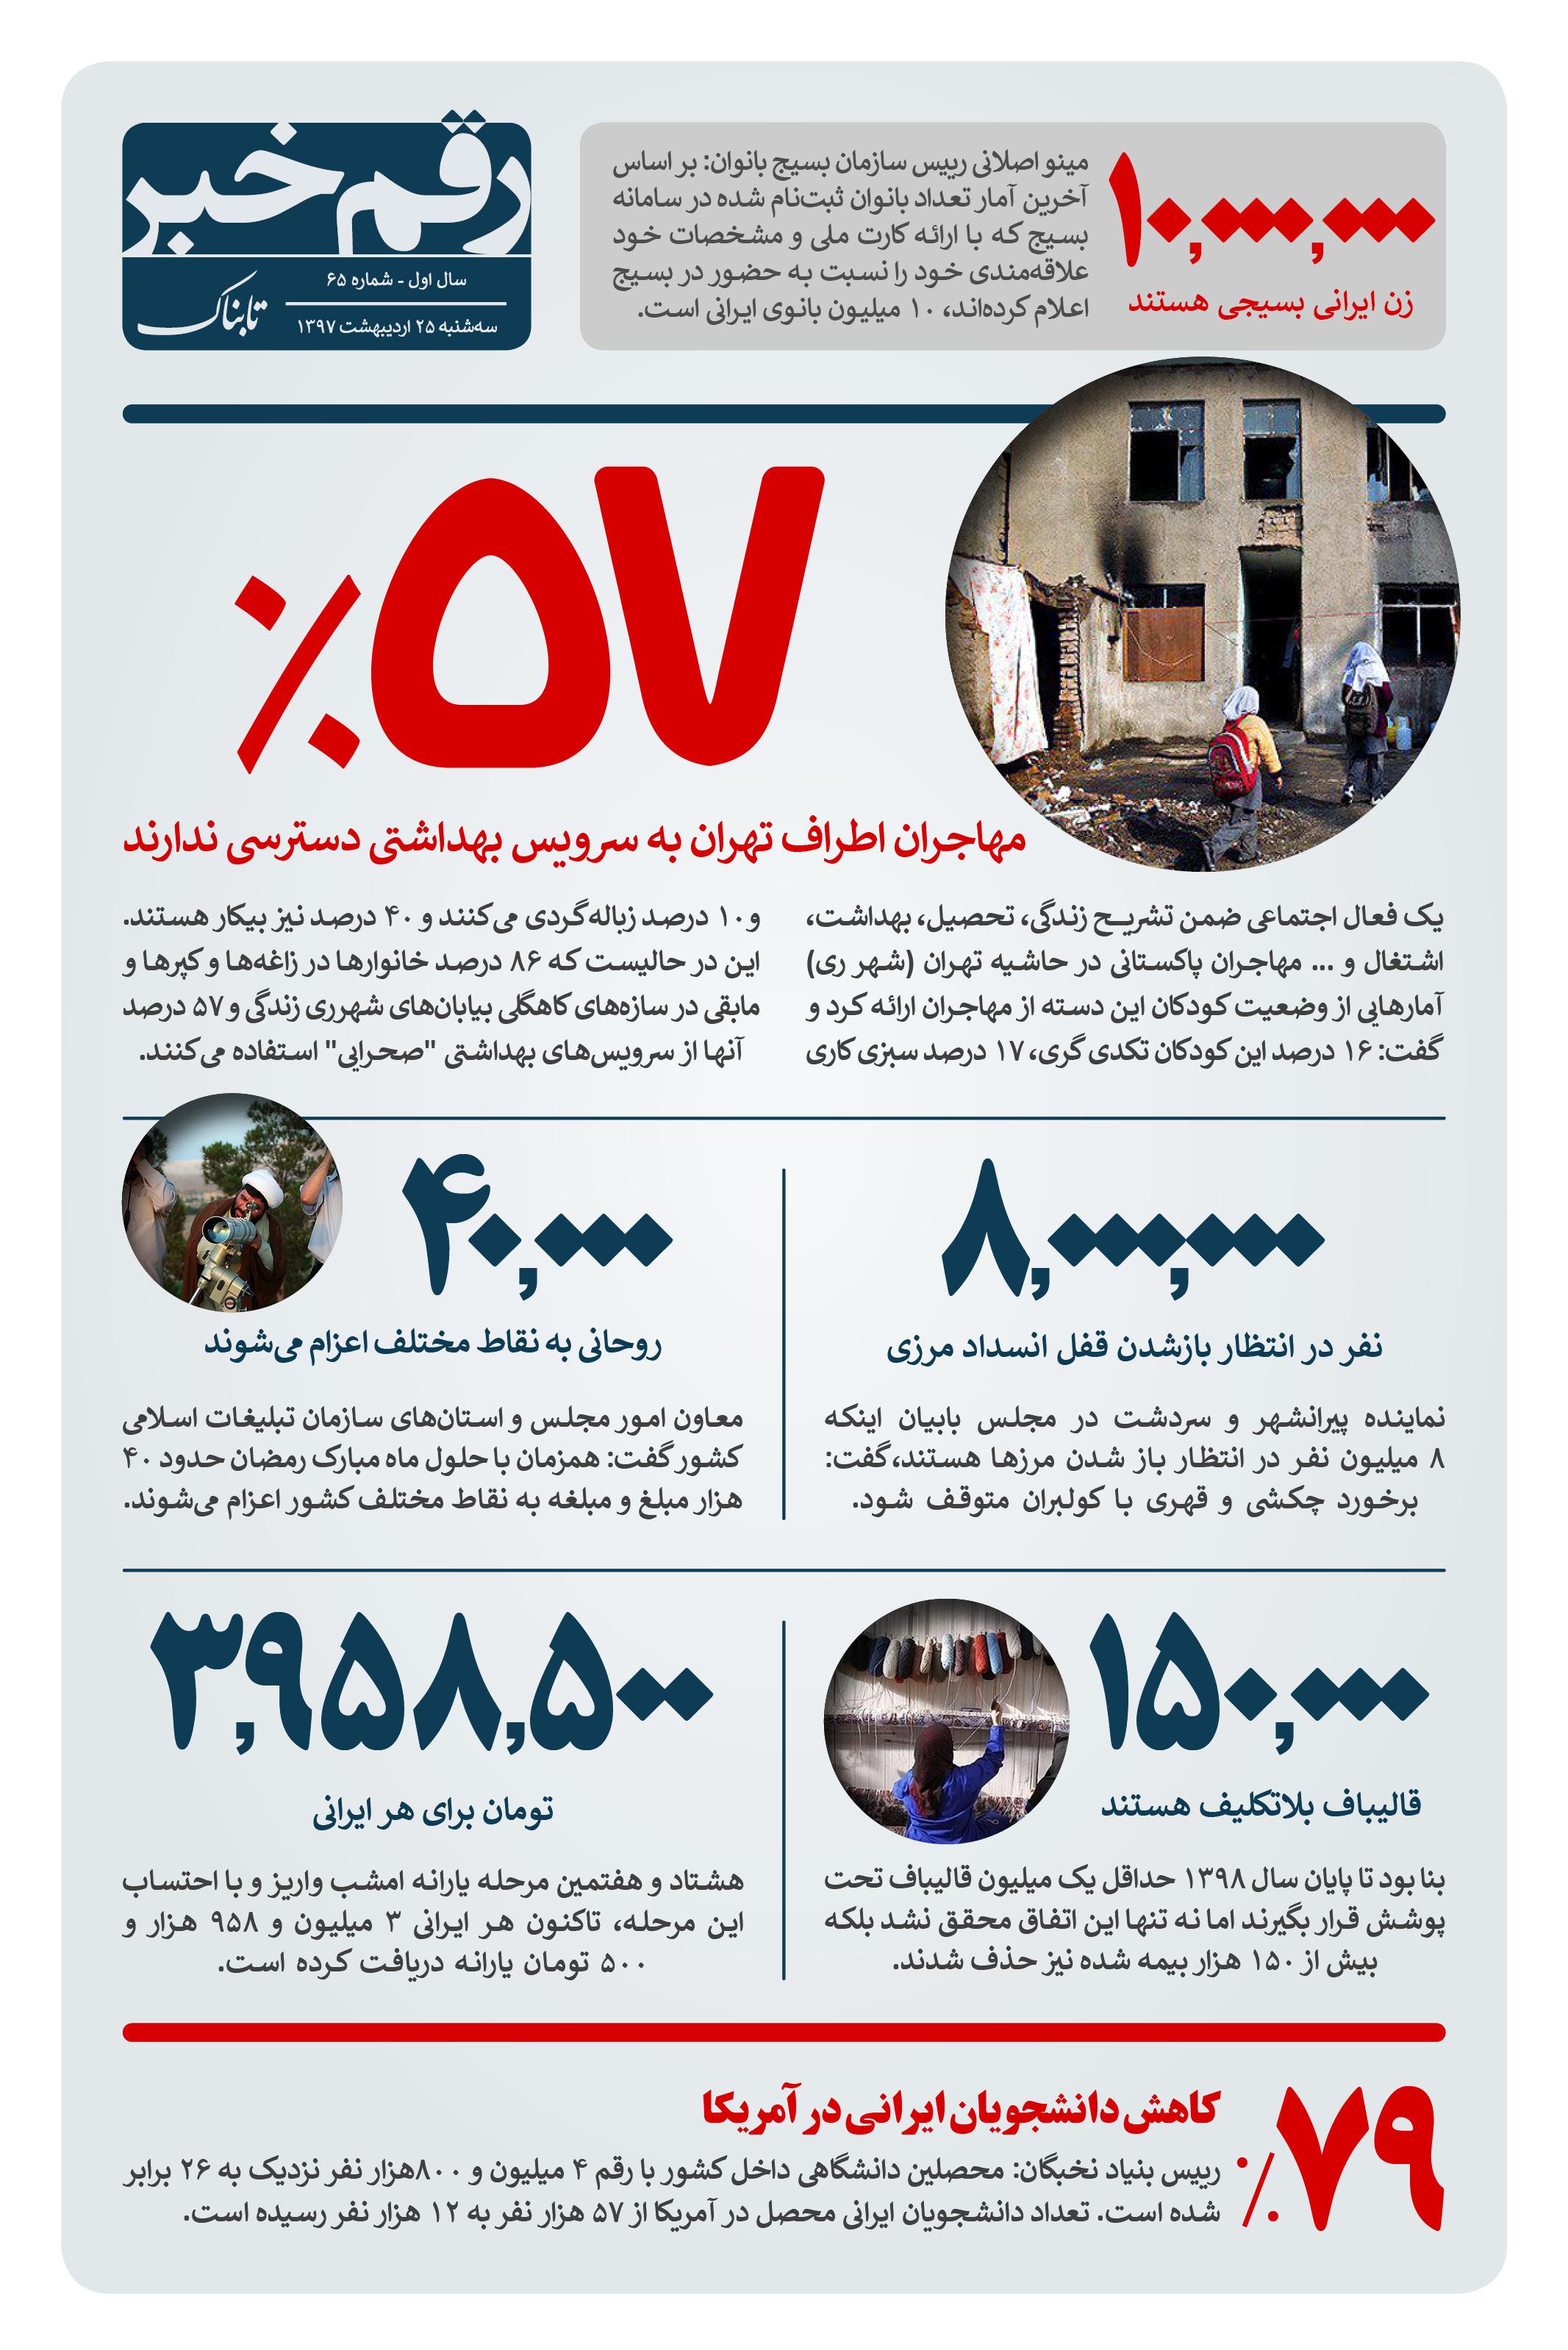 رقم خبر: مشکل سرویس بهداشتی بیخ گوش تهران